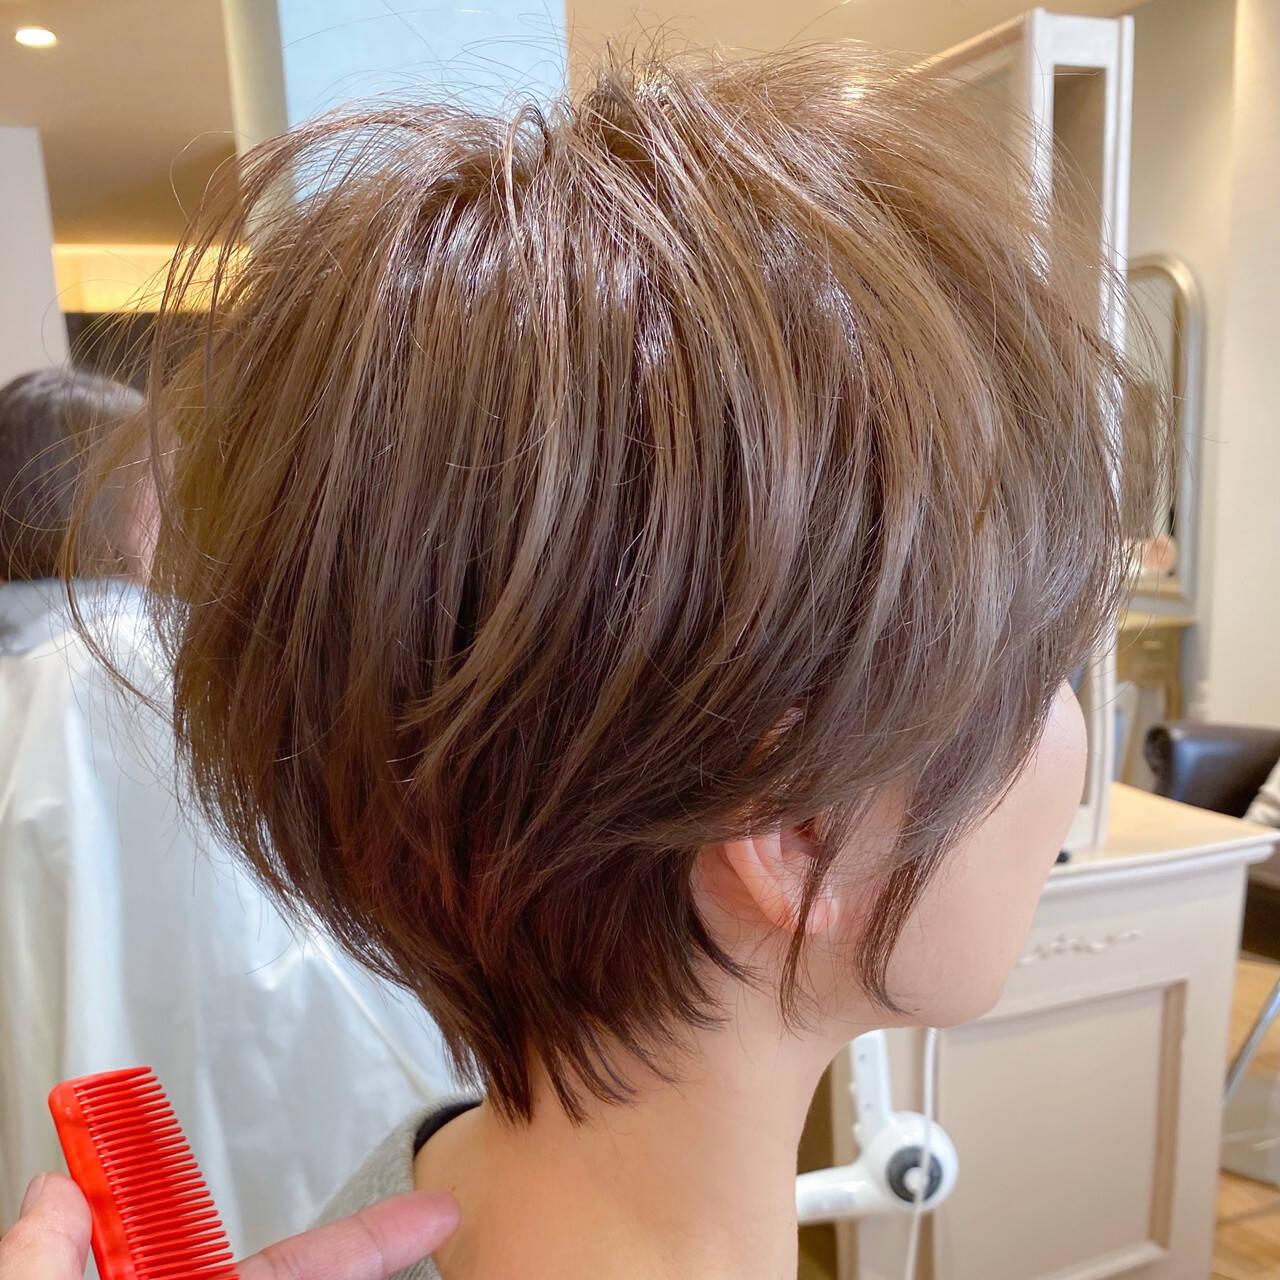 ナチュラル 丸みショート ショート 小顔ショートヘアスタイルや髪型の写真・画像